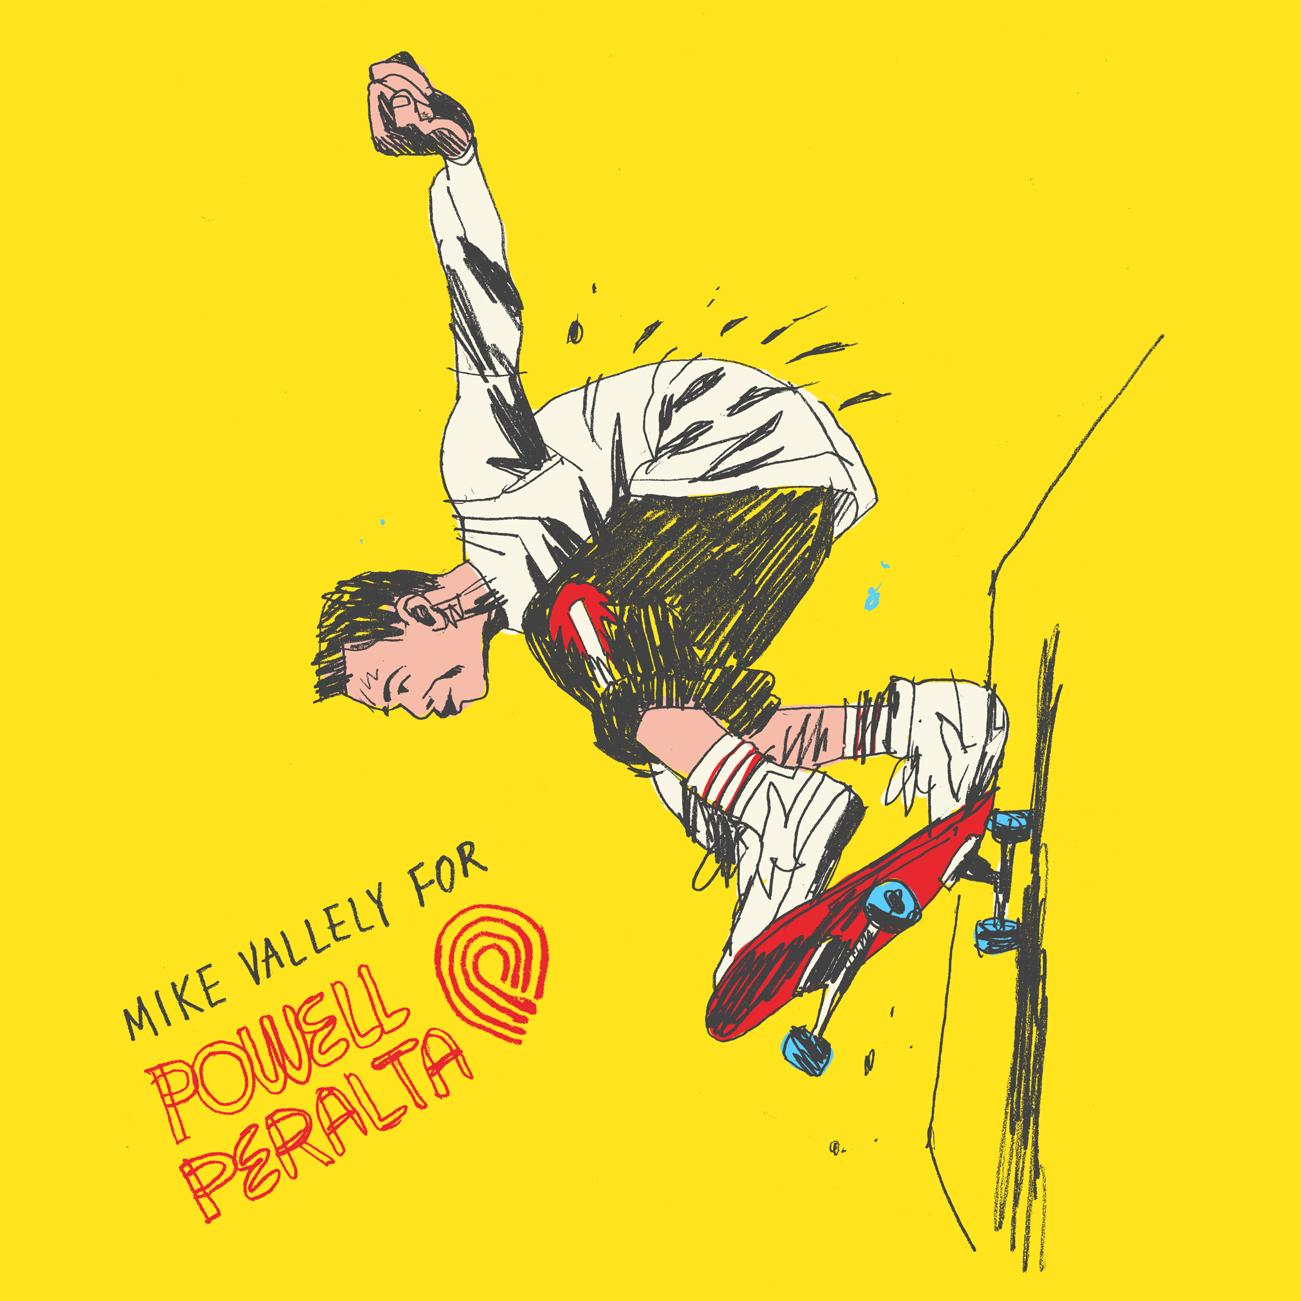 Mike Vallely fan art